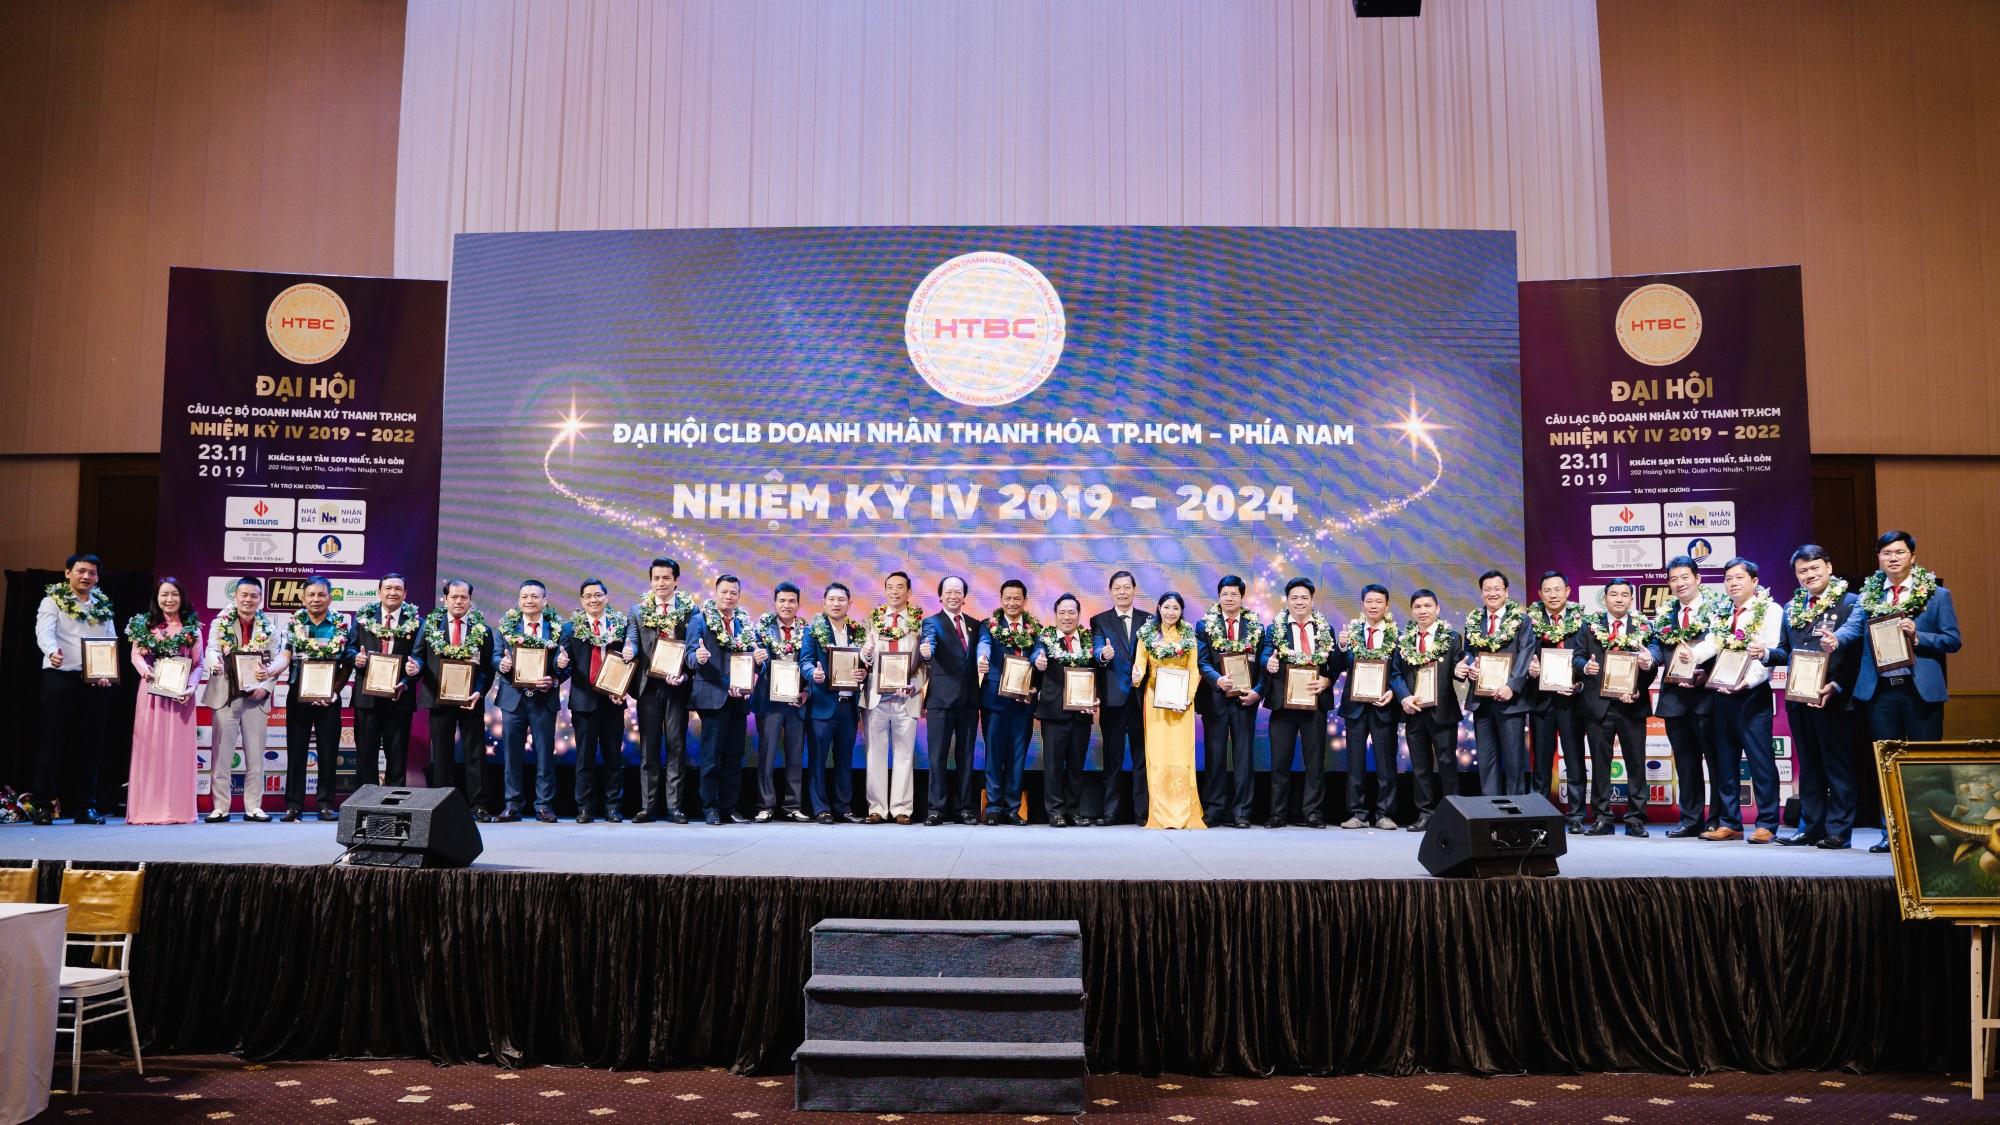 Câu lạc bộ Doanh nhân Thanh Hoá tại TP.HCM kỷ niệm 10 năm thành lập và ra mắt Ban chấp hành mới - Ảnh 6